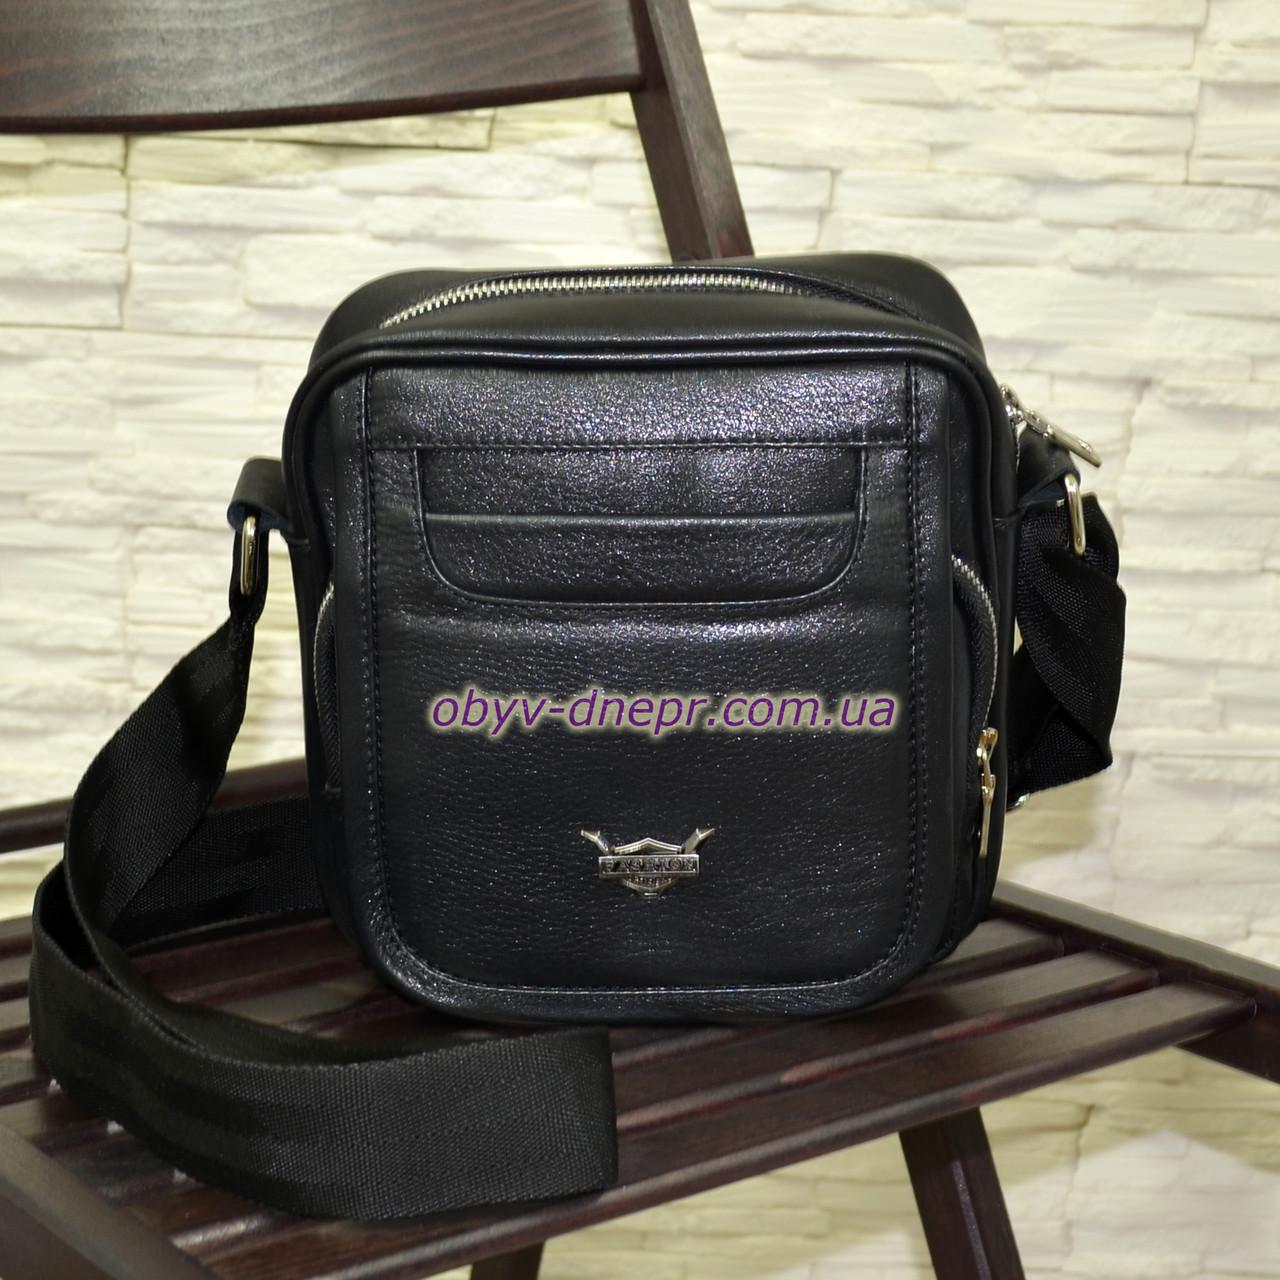 Чоловіча чорна шкіряна сумка ручної роботи. Виробництво Україна